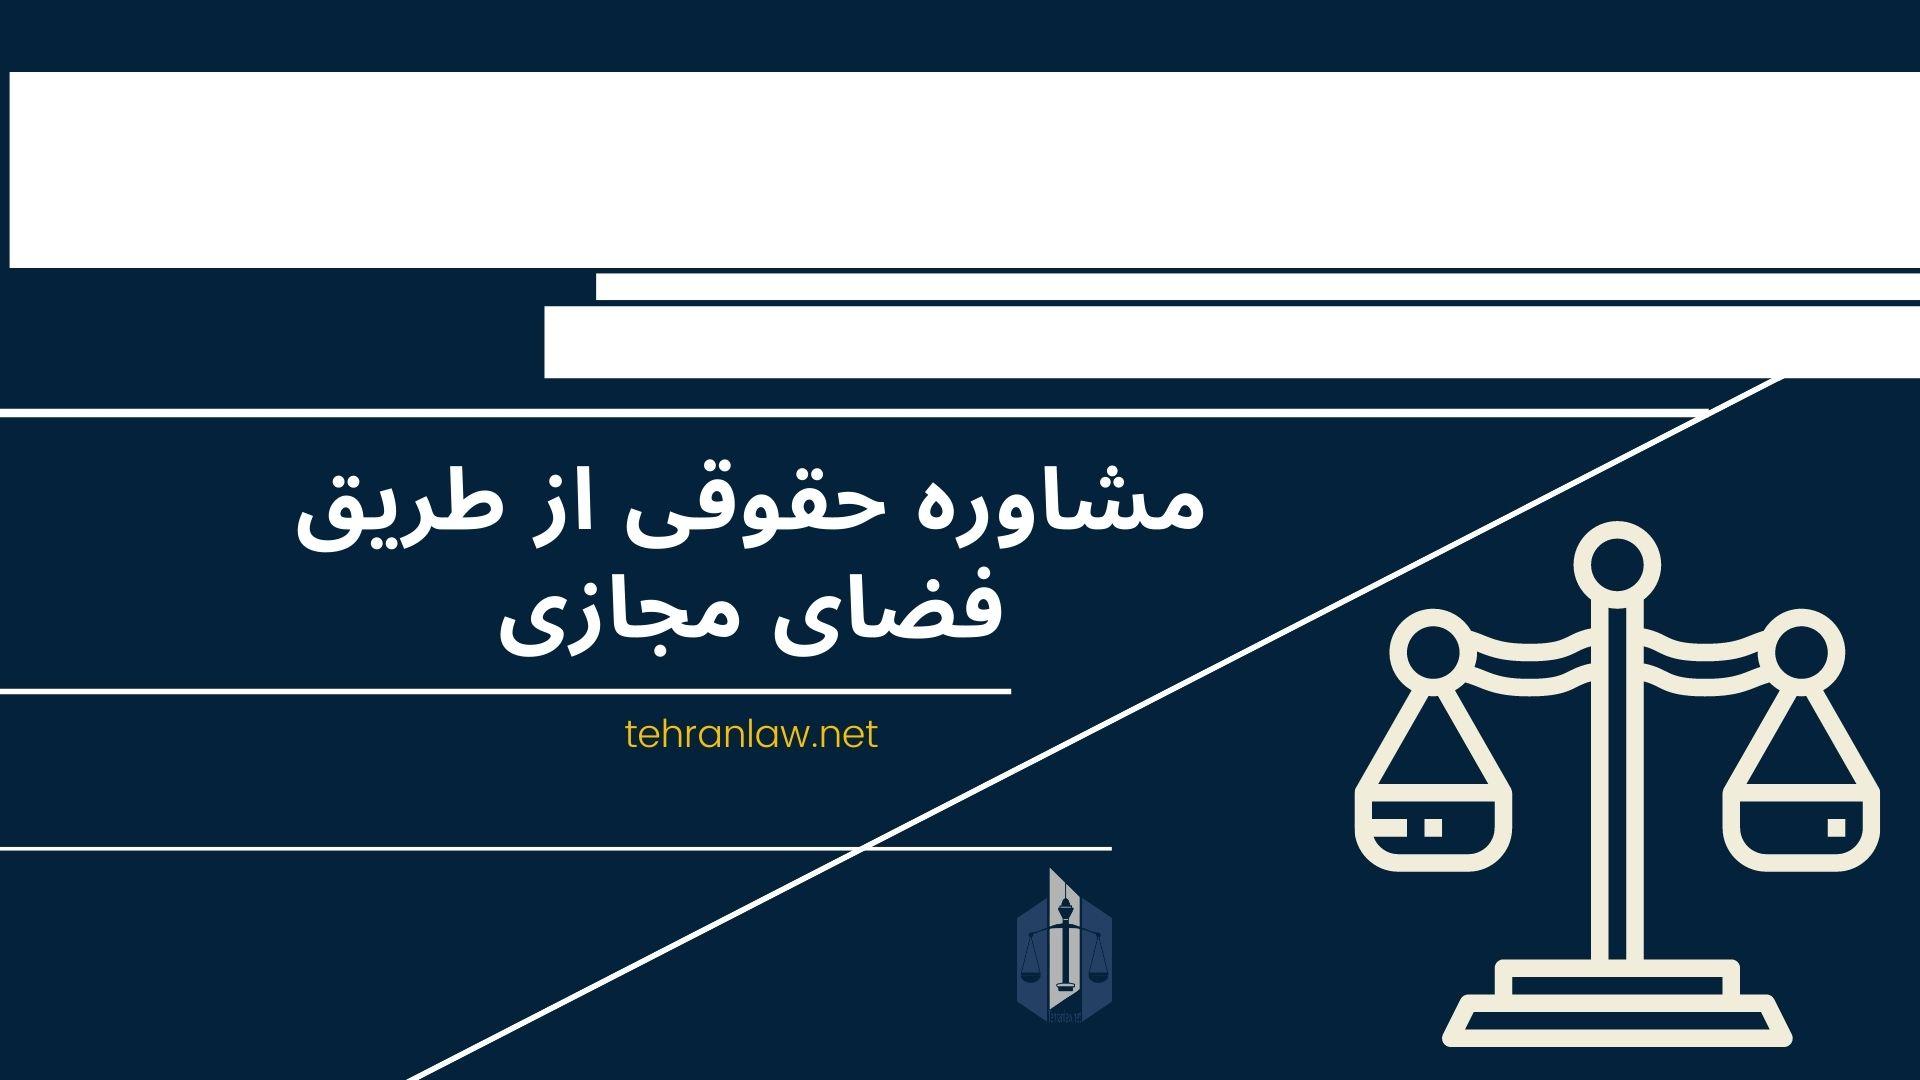 مشاوره حقوقی از طریق فضای مجازی